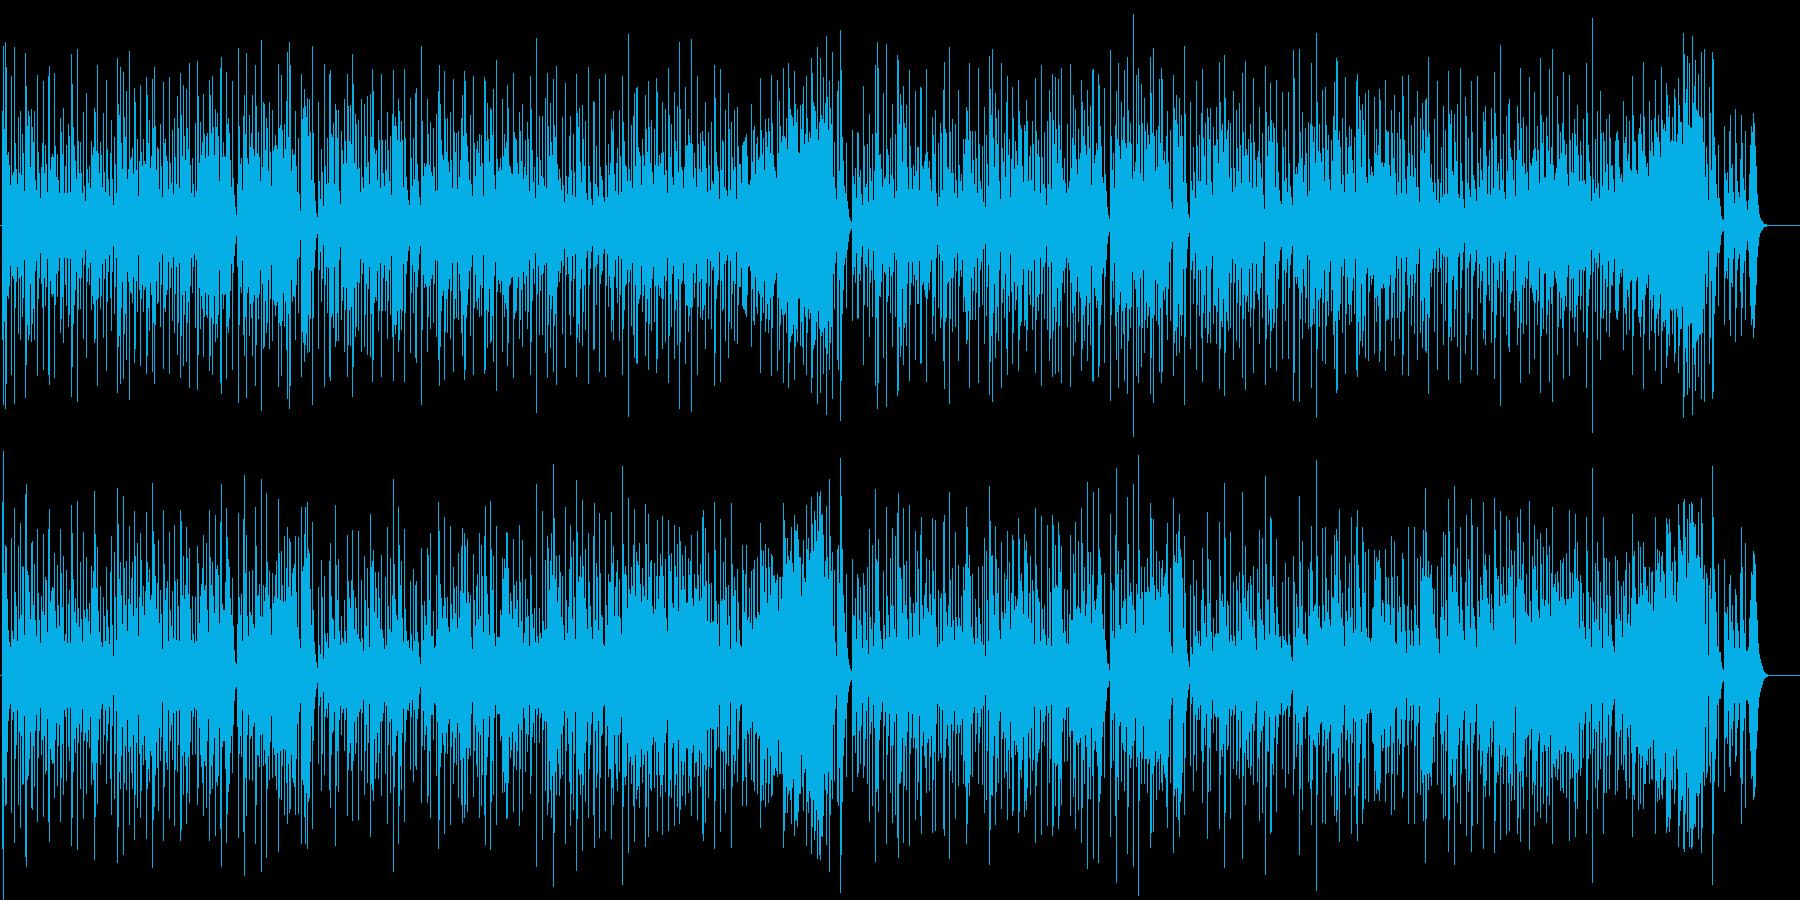 古き良き伝統を受け継いだ和風マイナー楽曲の再生済みの波形